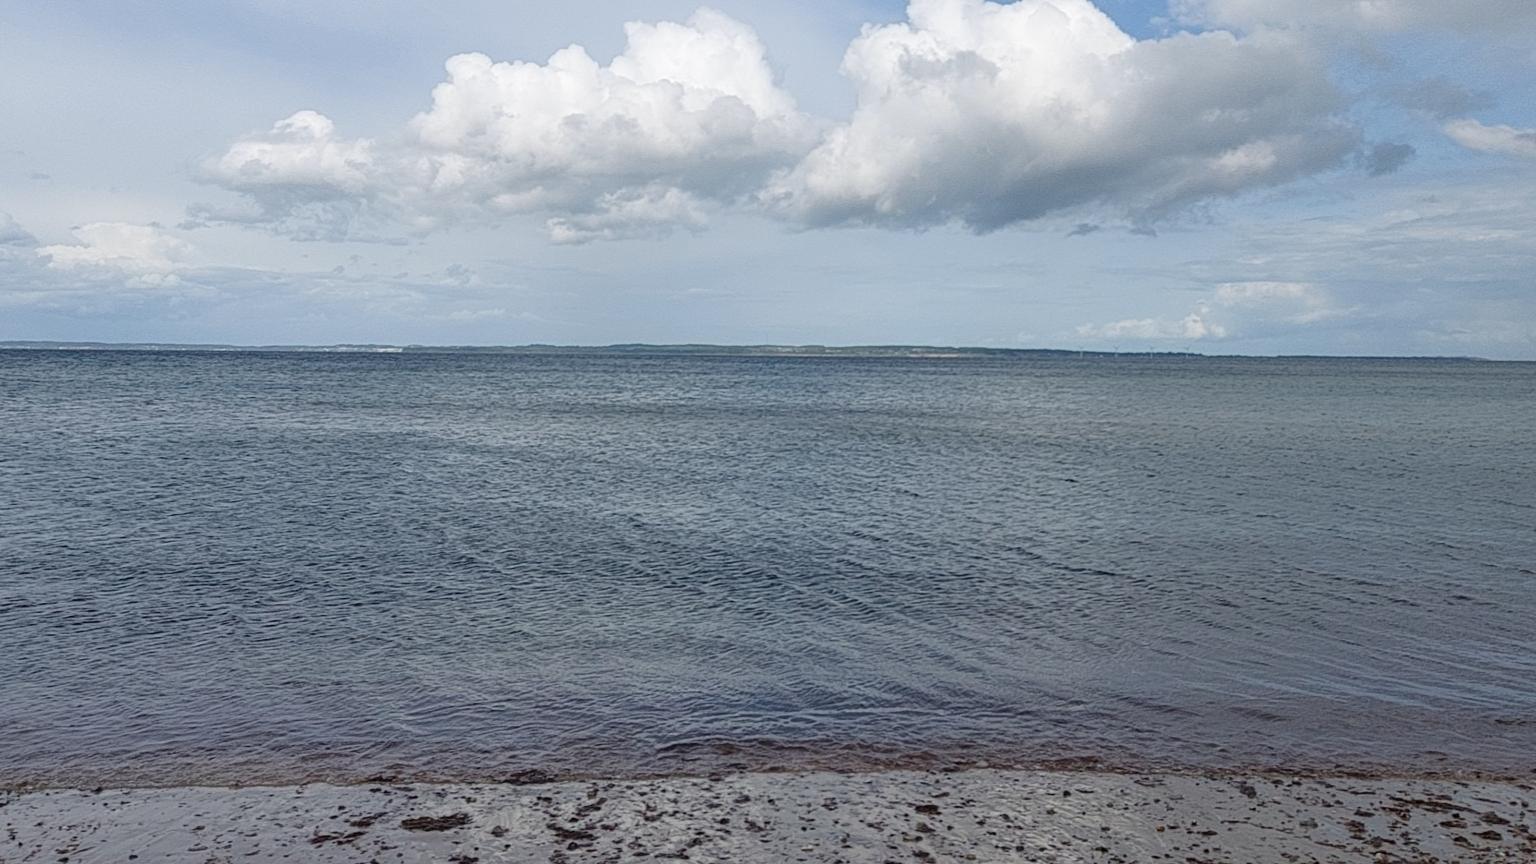 【纪录片】【南太平洋】【Ep06  脆弱的天堂】【中英字幕】【2009】